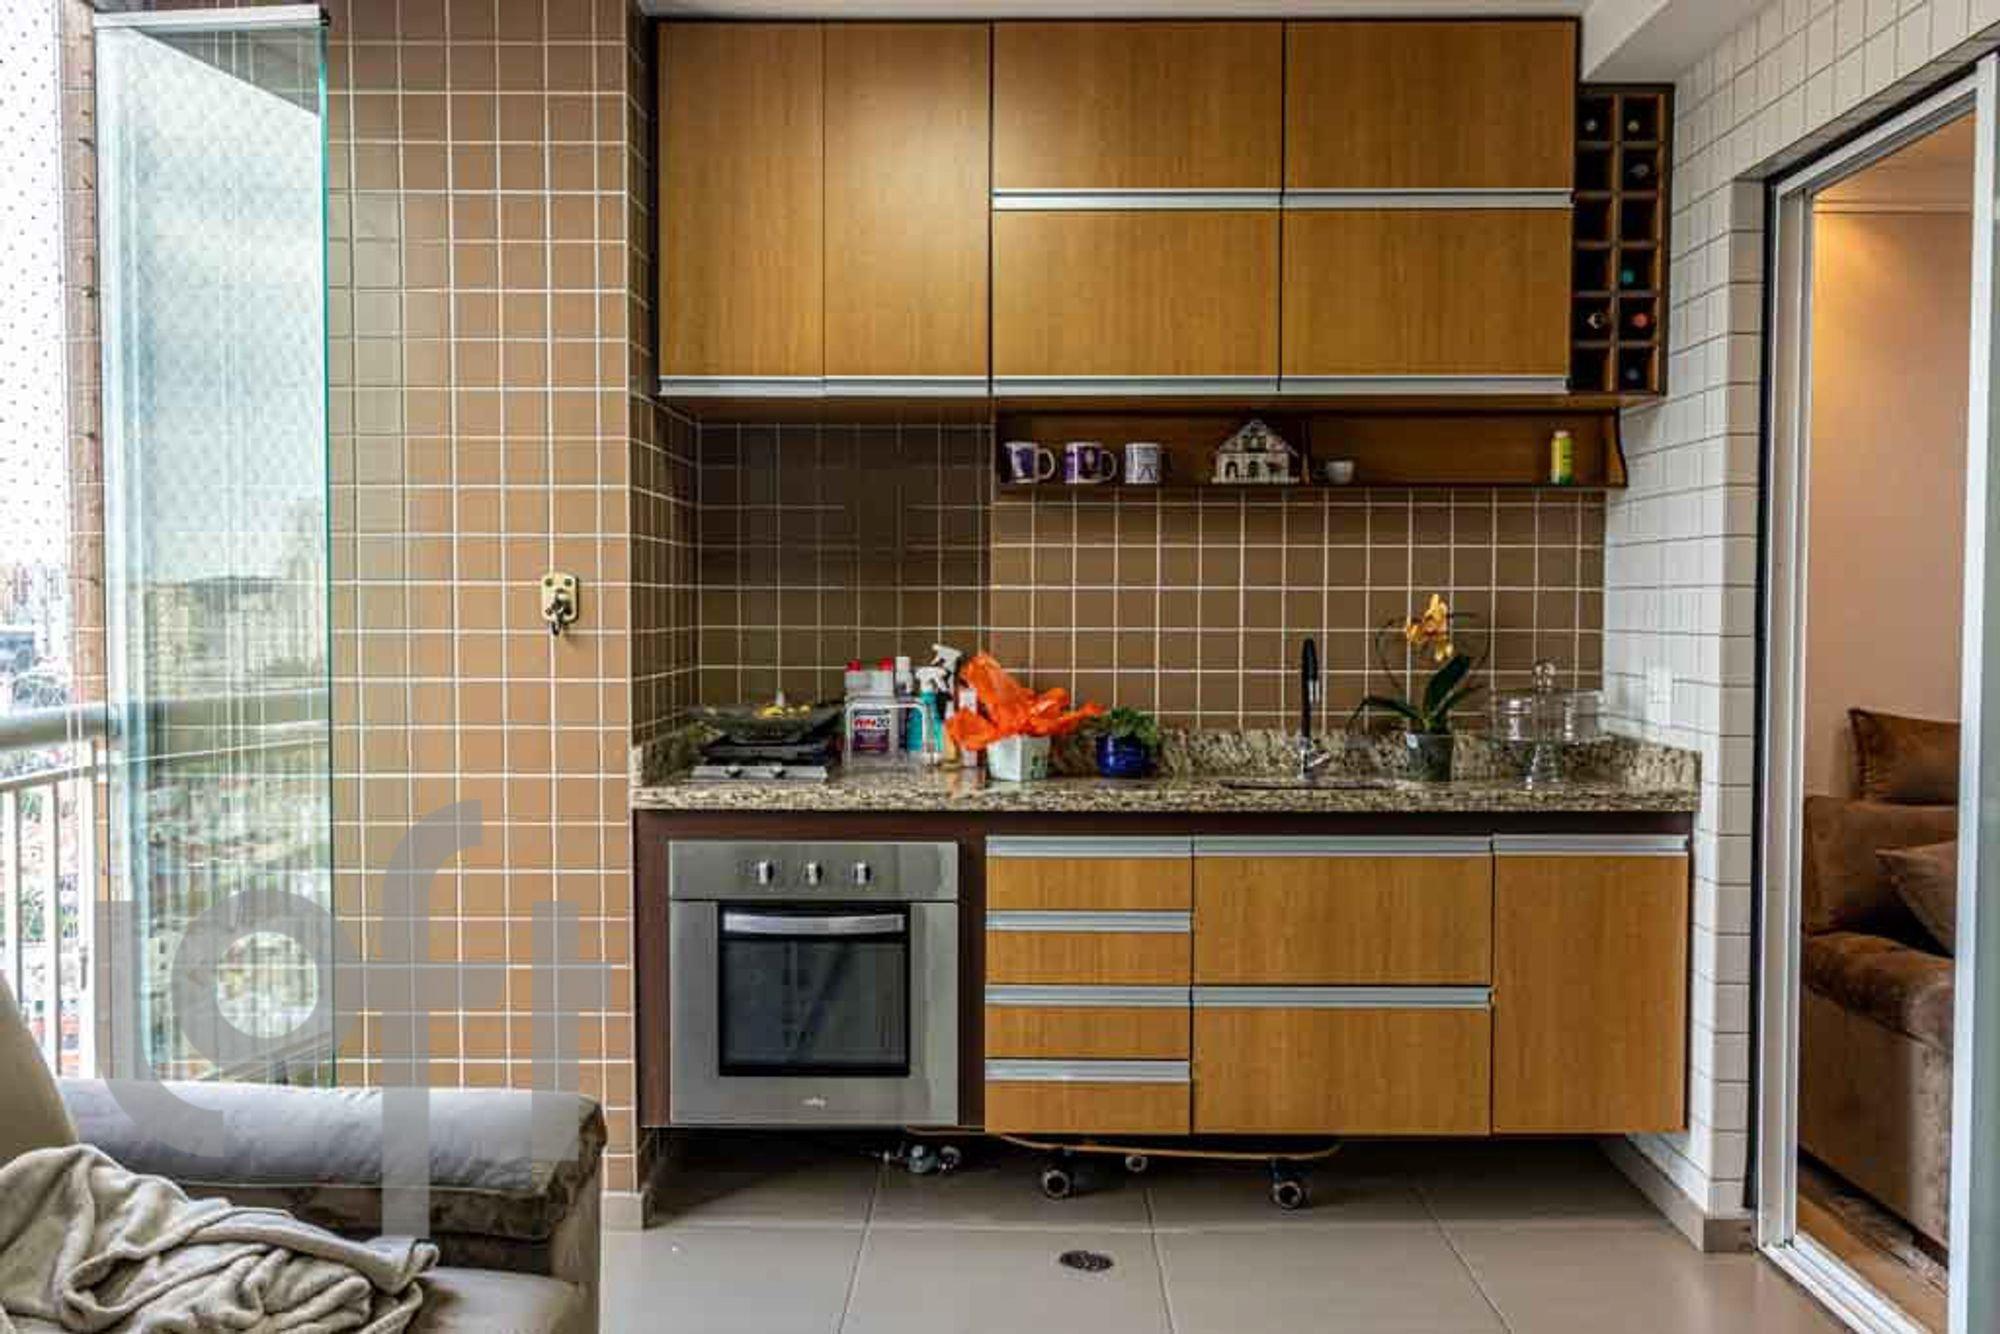 Foto de Cozinha com forno, sofá, garrafa